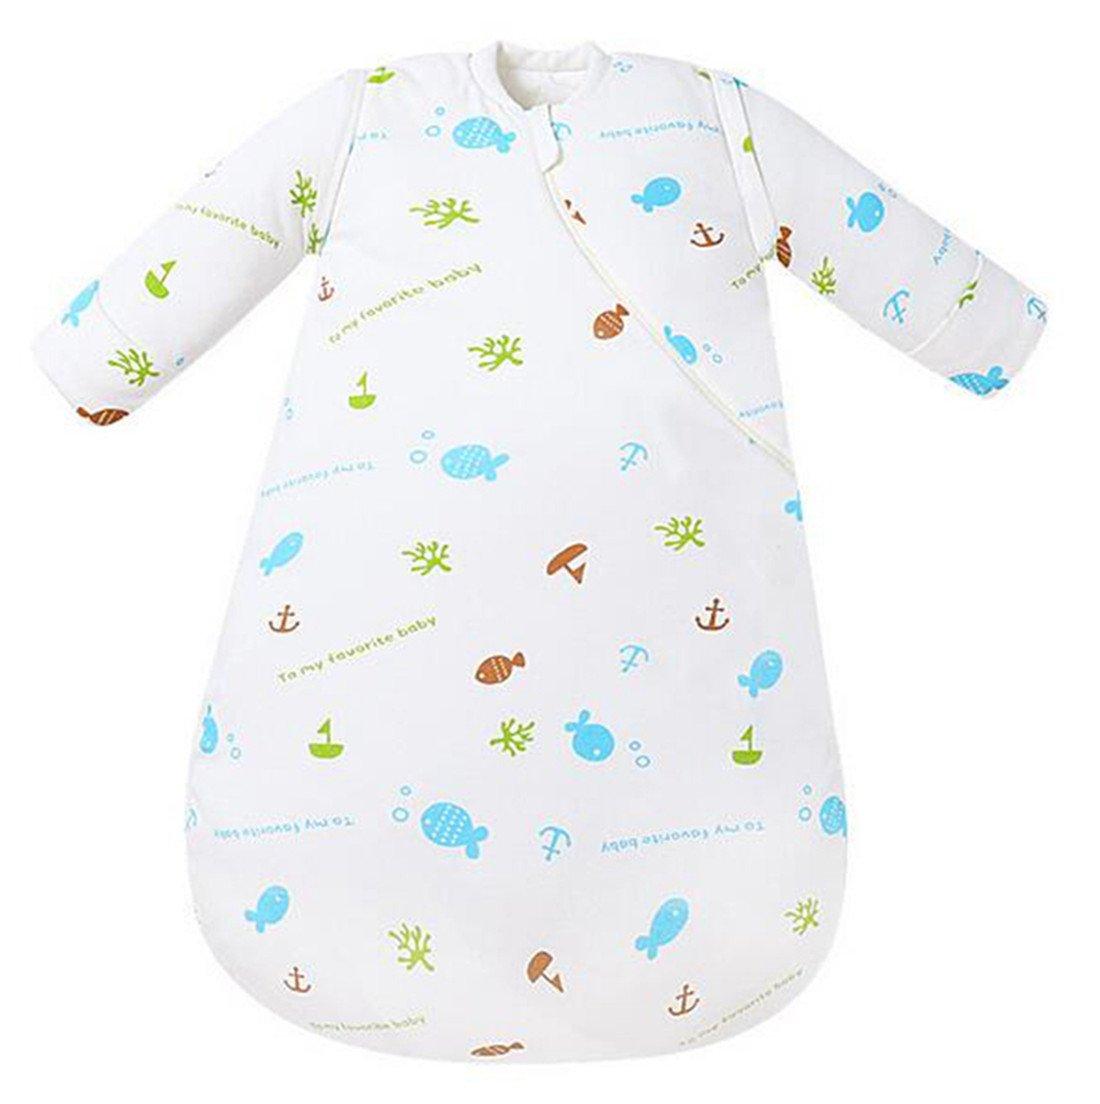 Chilsuessy Schlafsack Vorne 3.5 Tog und hinten 2.5 Tog Winter Babyschlafsack mit abnehmbar Langarm,5 Groesse fuer Kinder von 3 Monaten bis 4 Jahre Alt, Blau, S/Koerpergroesse 60-70cm